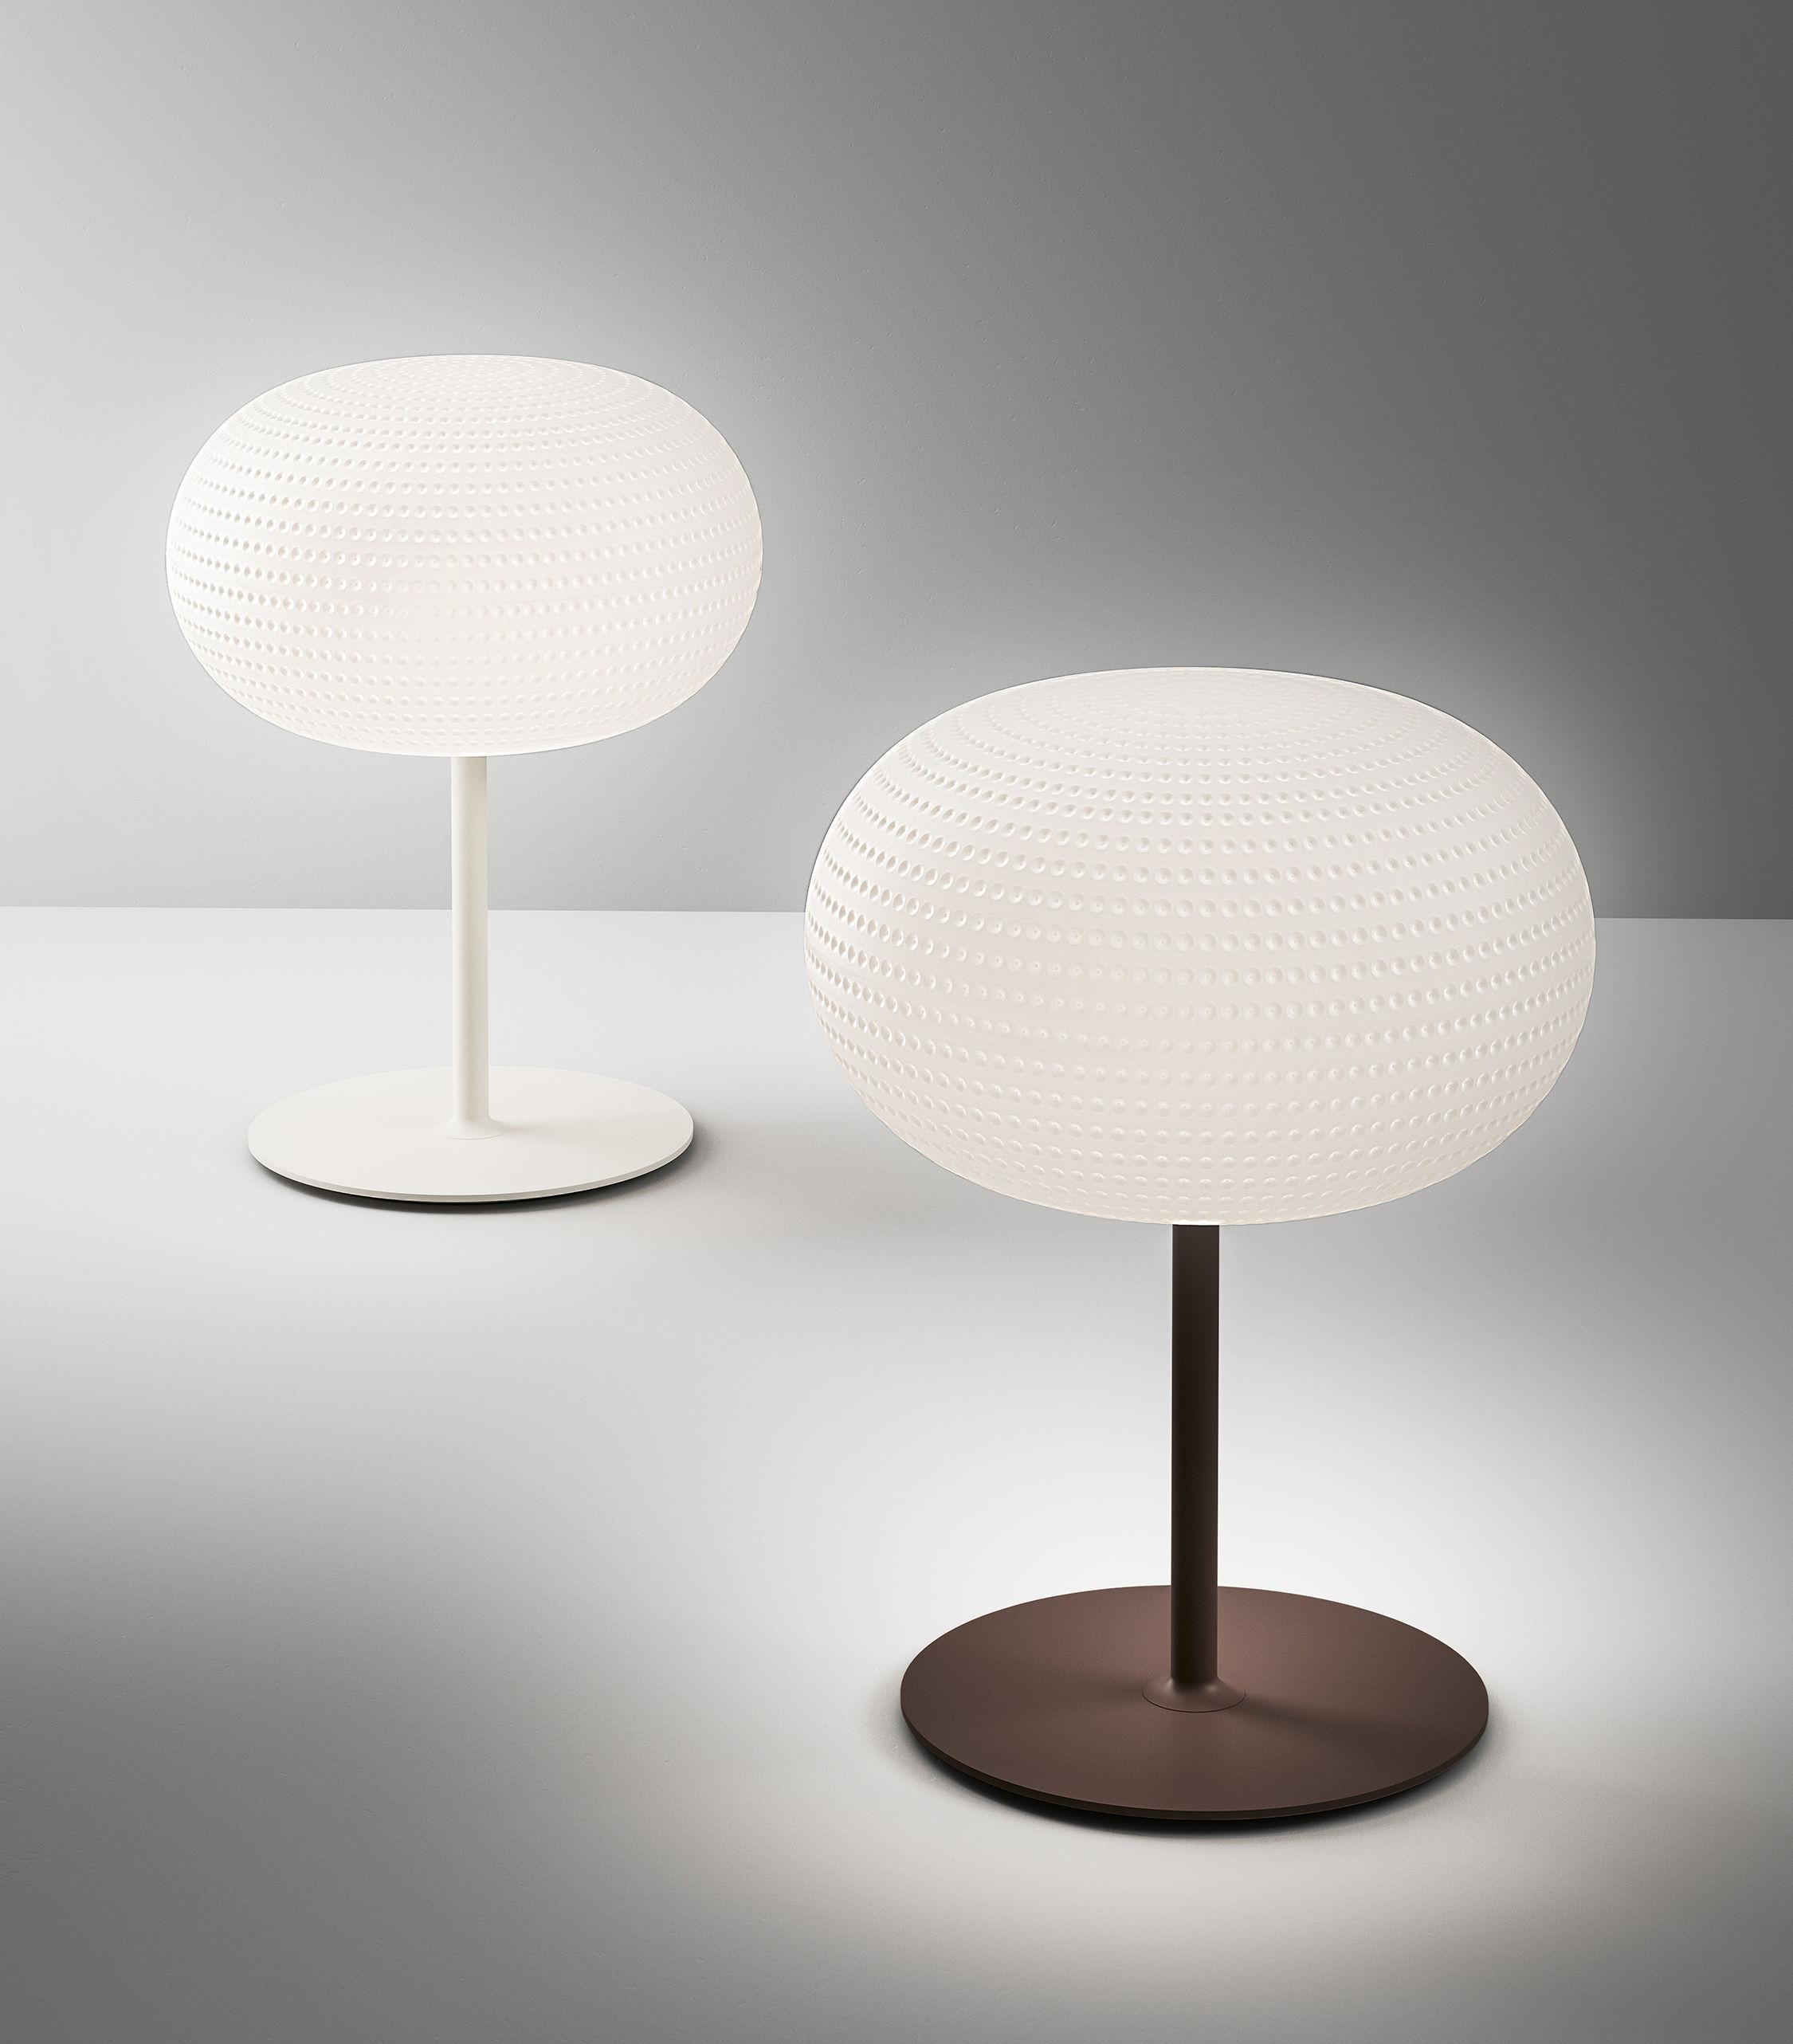 lampe de table bianca led avec pied verre blanc pied. Black Bedroom Furniture Sets. Home Design Ideas